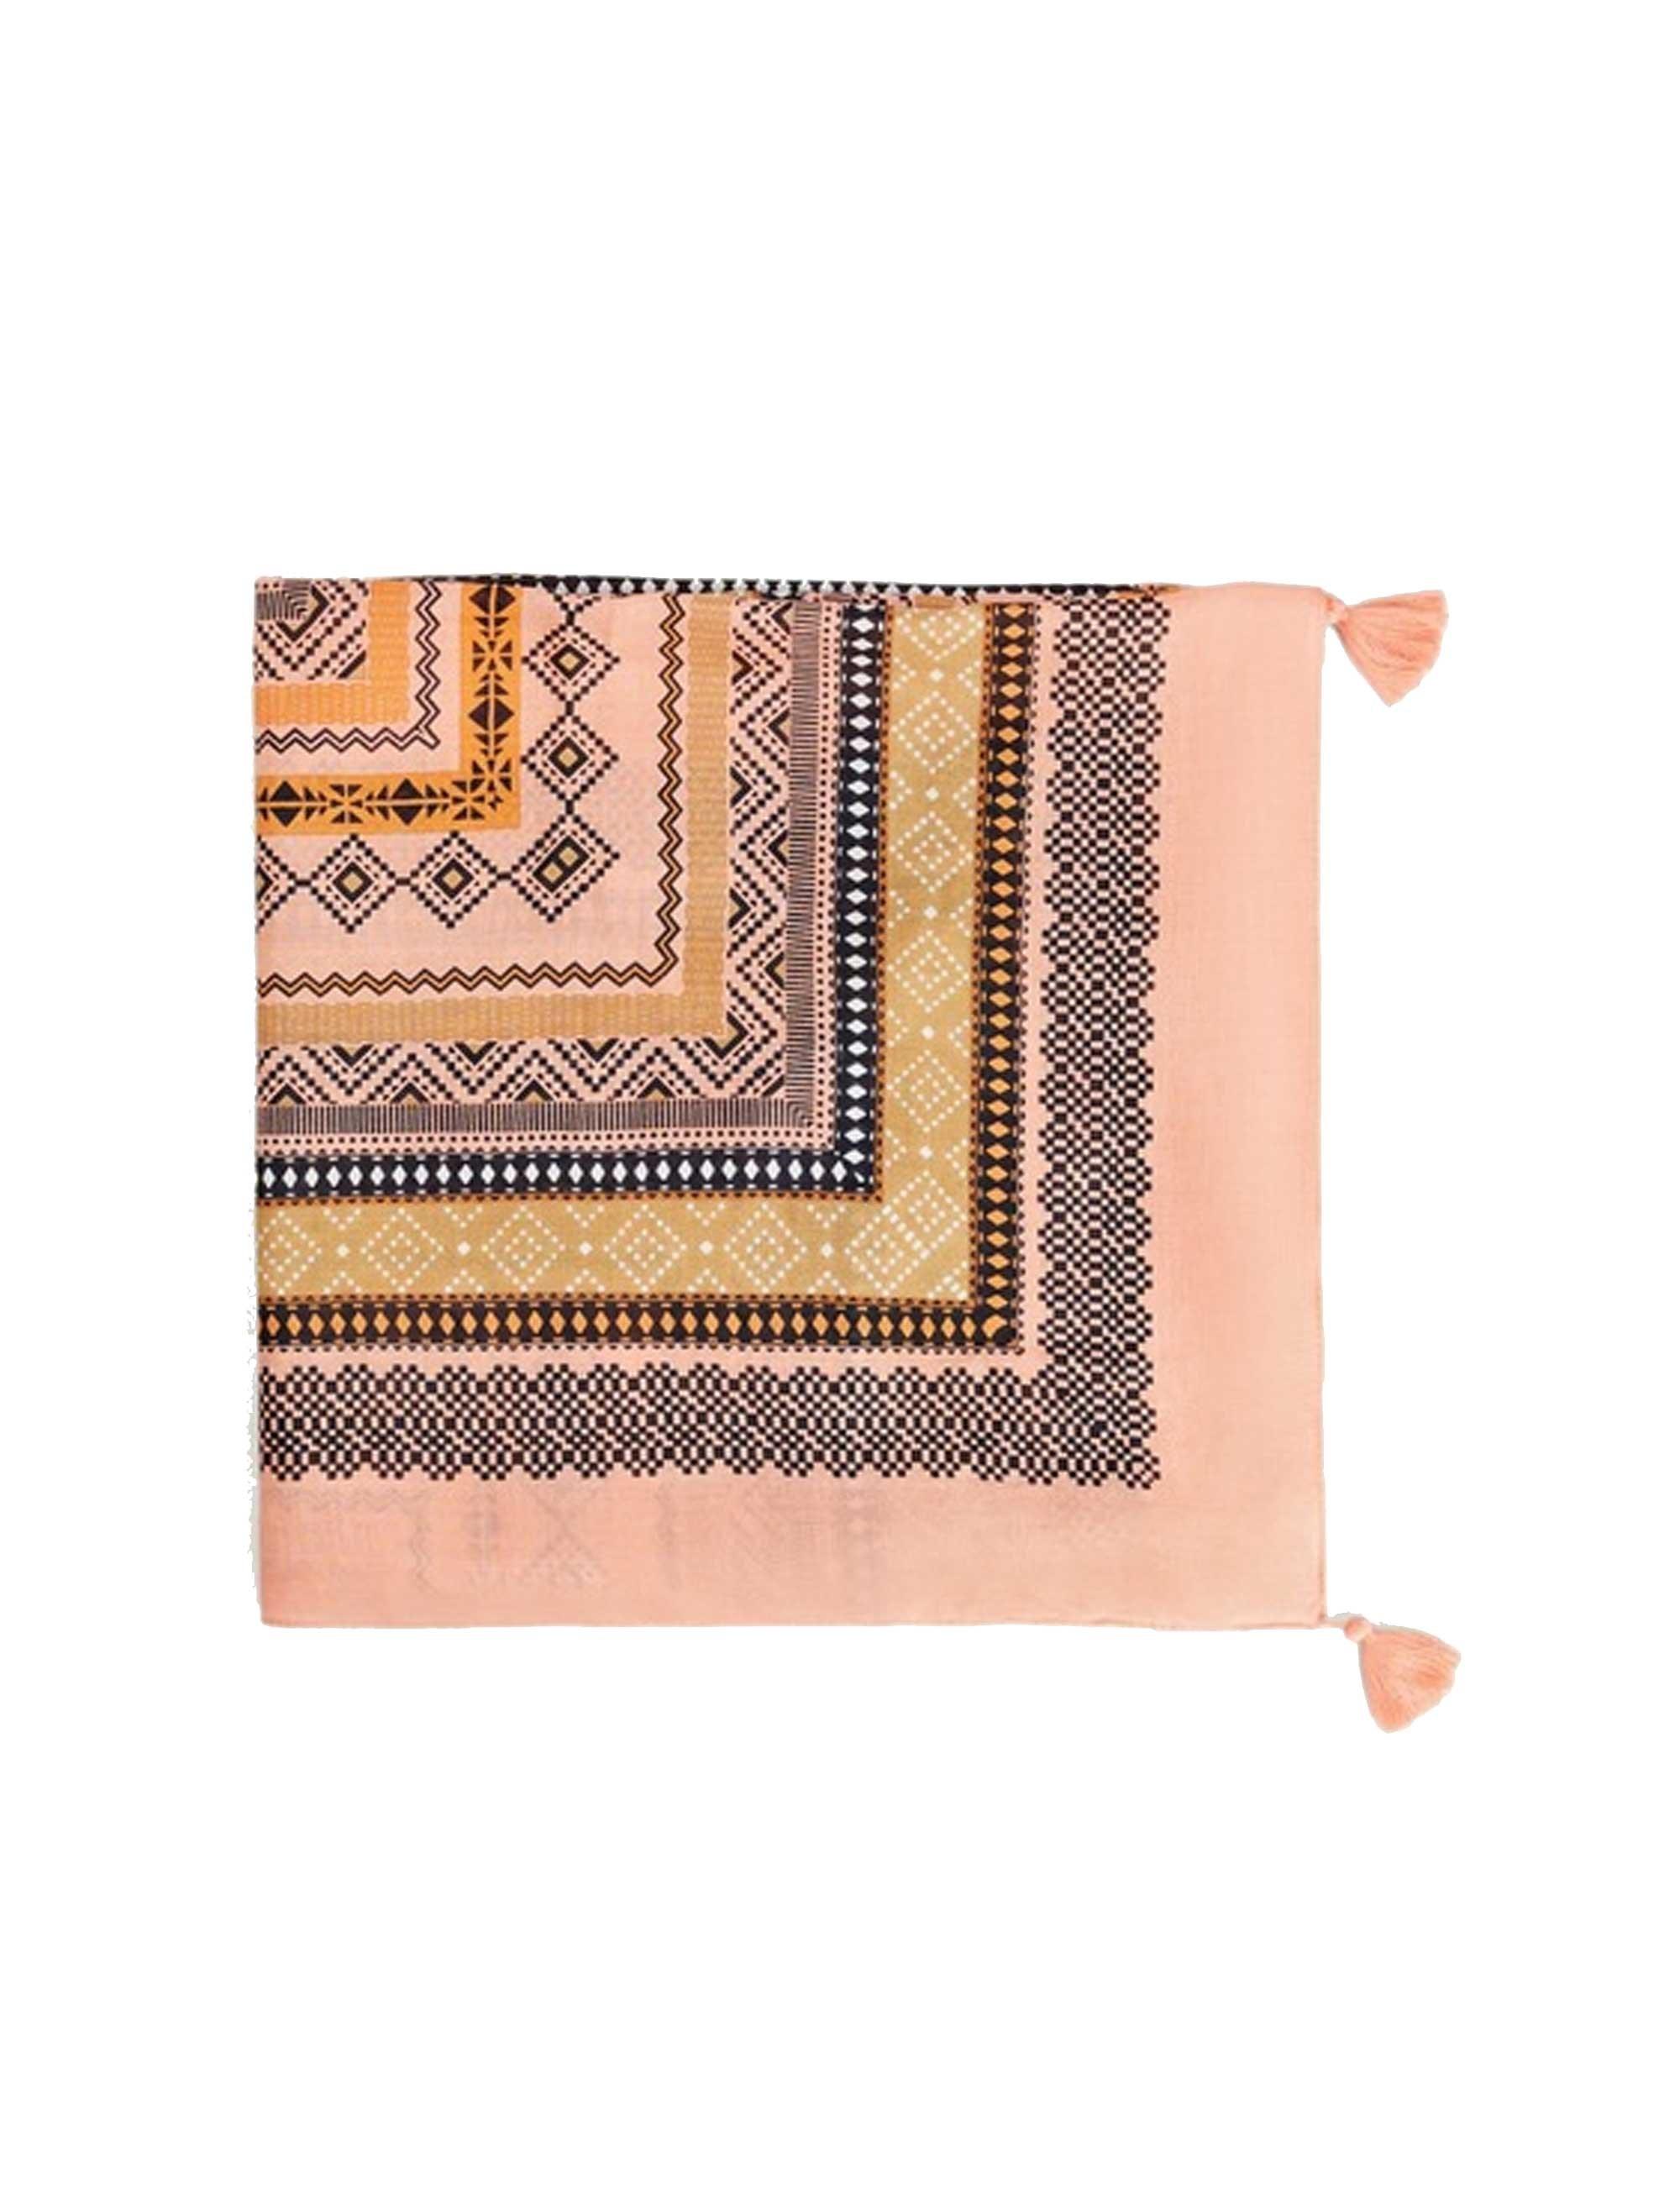 روسری طرح دار زنانه - ویولتا بای مانگو